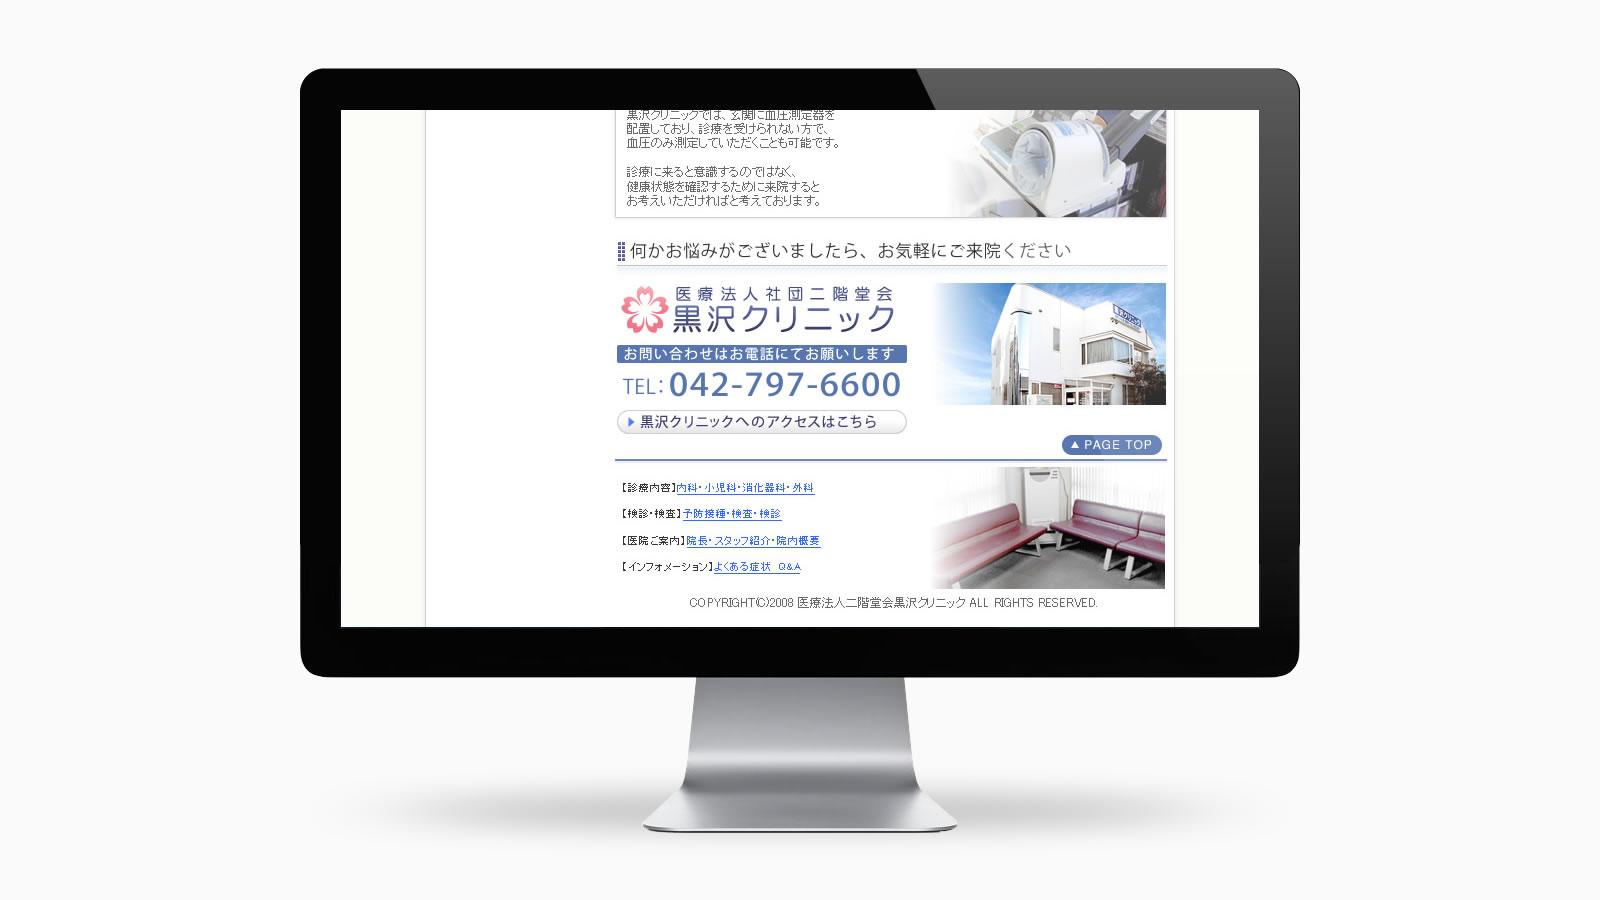 kurosawa-cl001